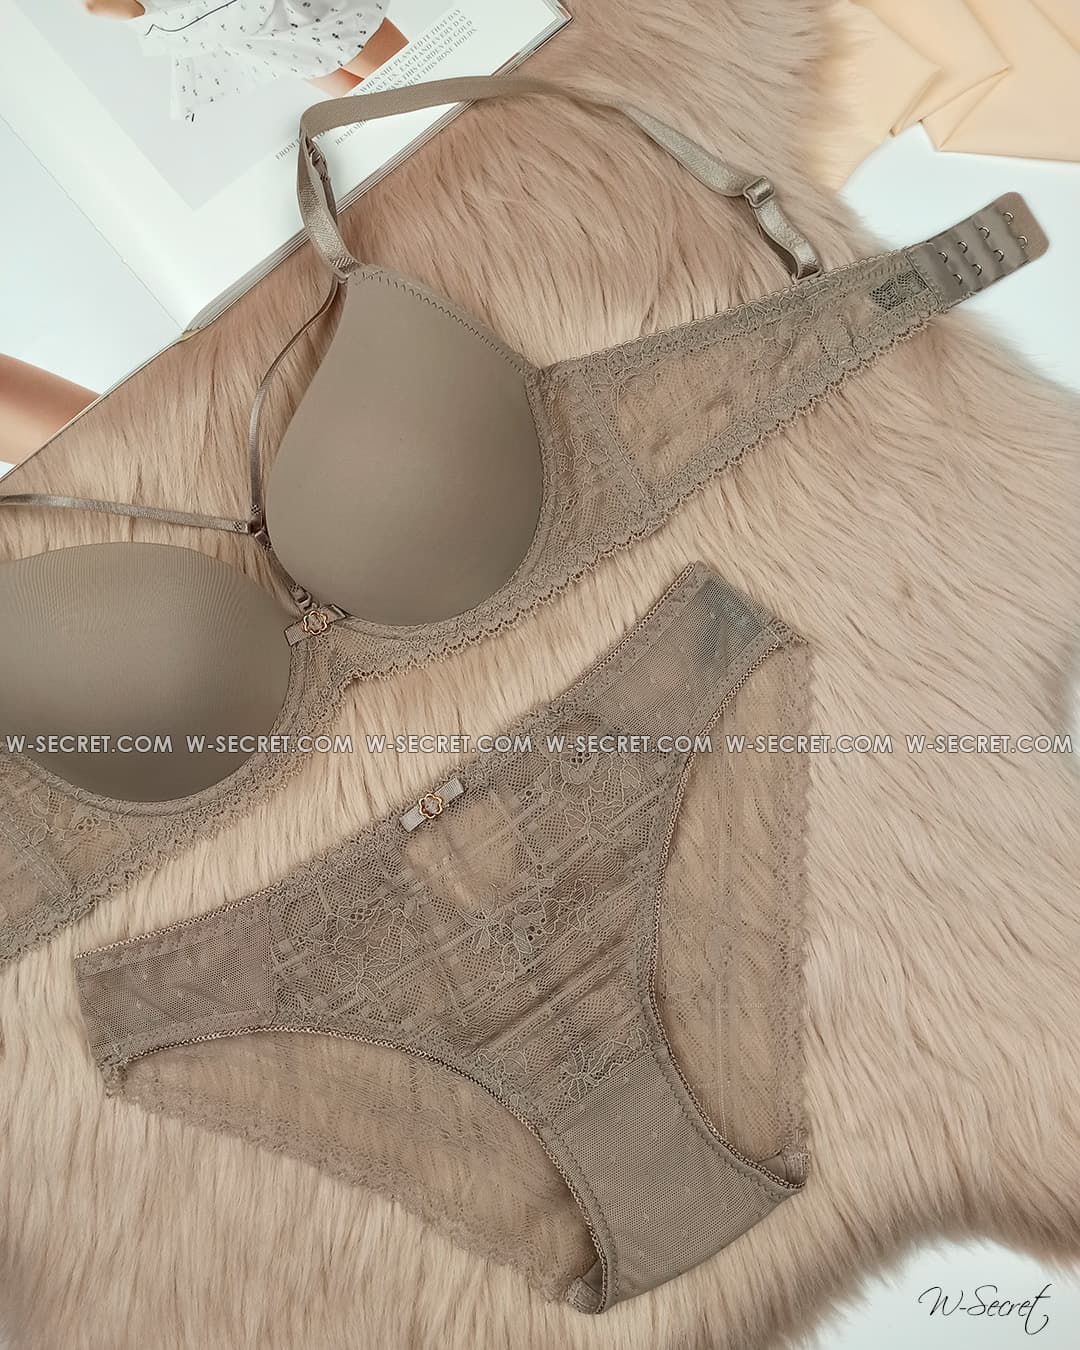 Weiyesi 7068 C Капучино комплект нижнего белья